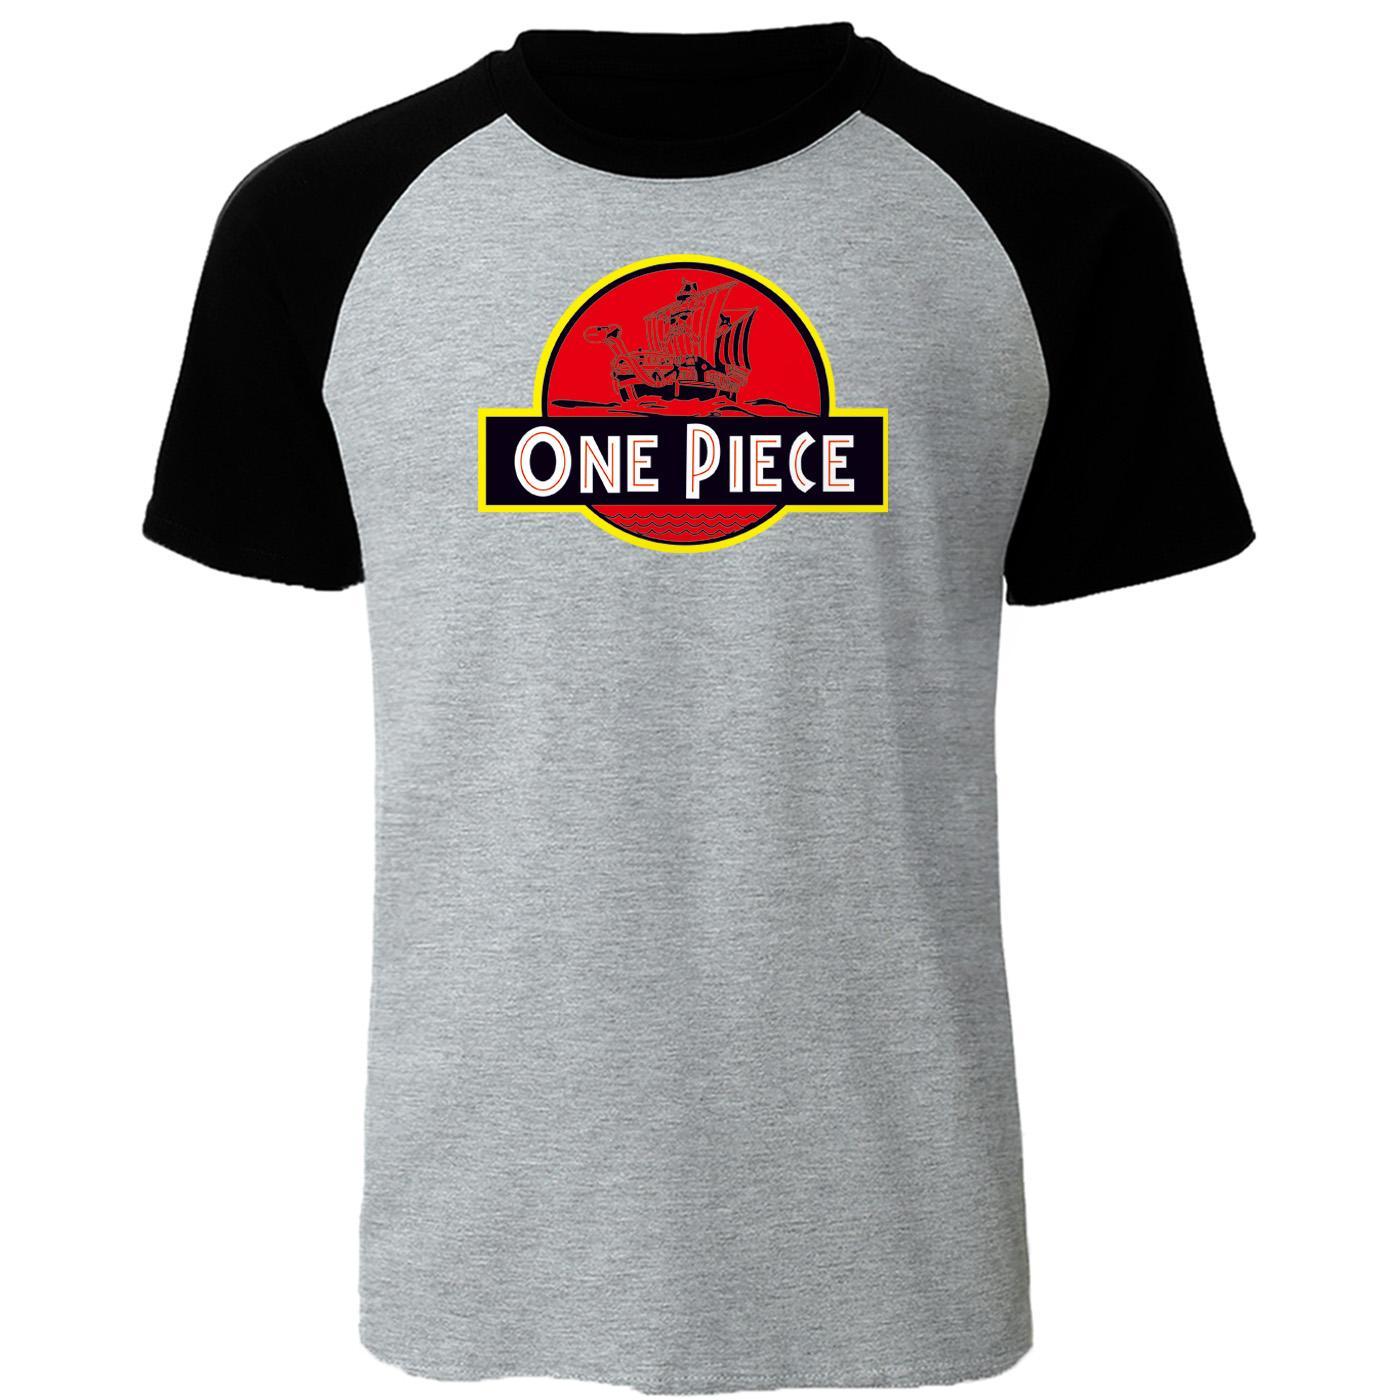 Sport Mode Raglan T-shirt Homme Japon Anime One Piece Tops de haute qualité pour hommes T-shirts 2019 d'été de coton T-shirts Tops fraîches Respirant